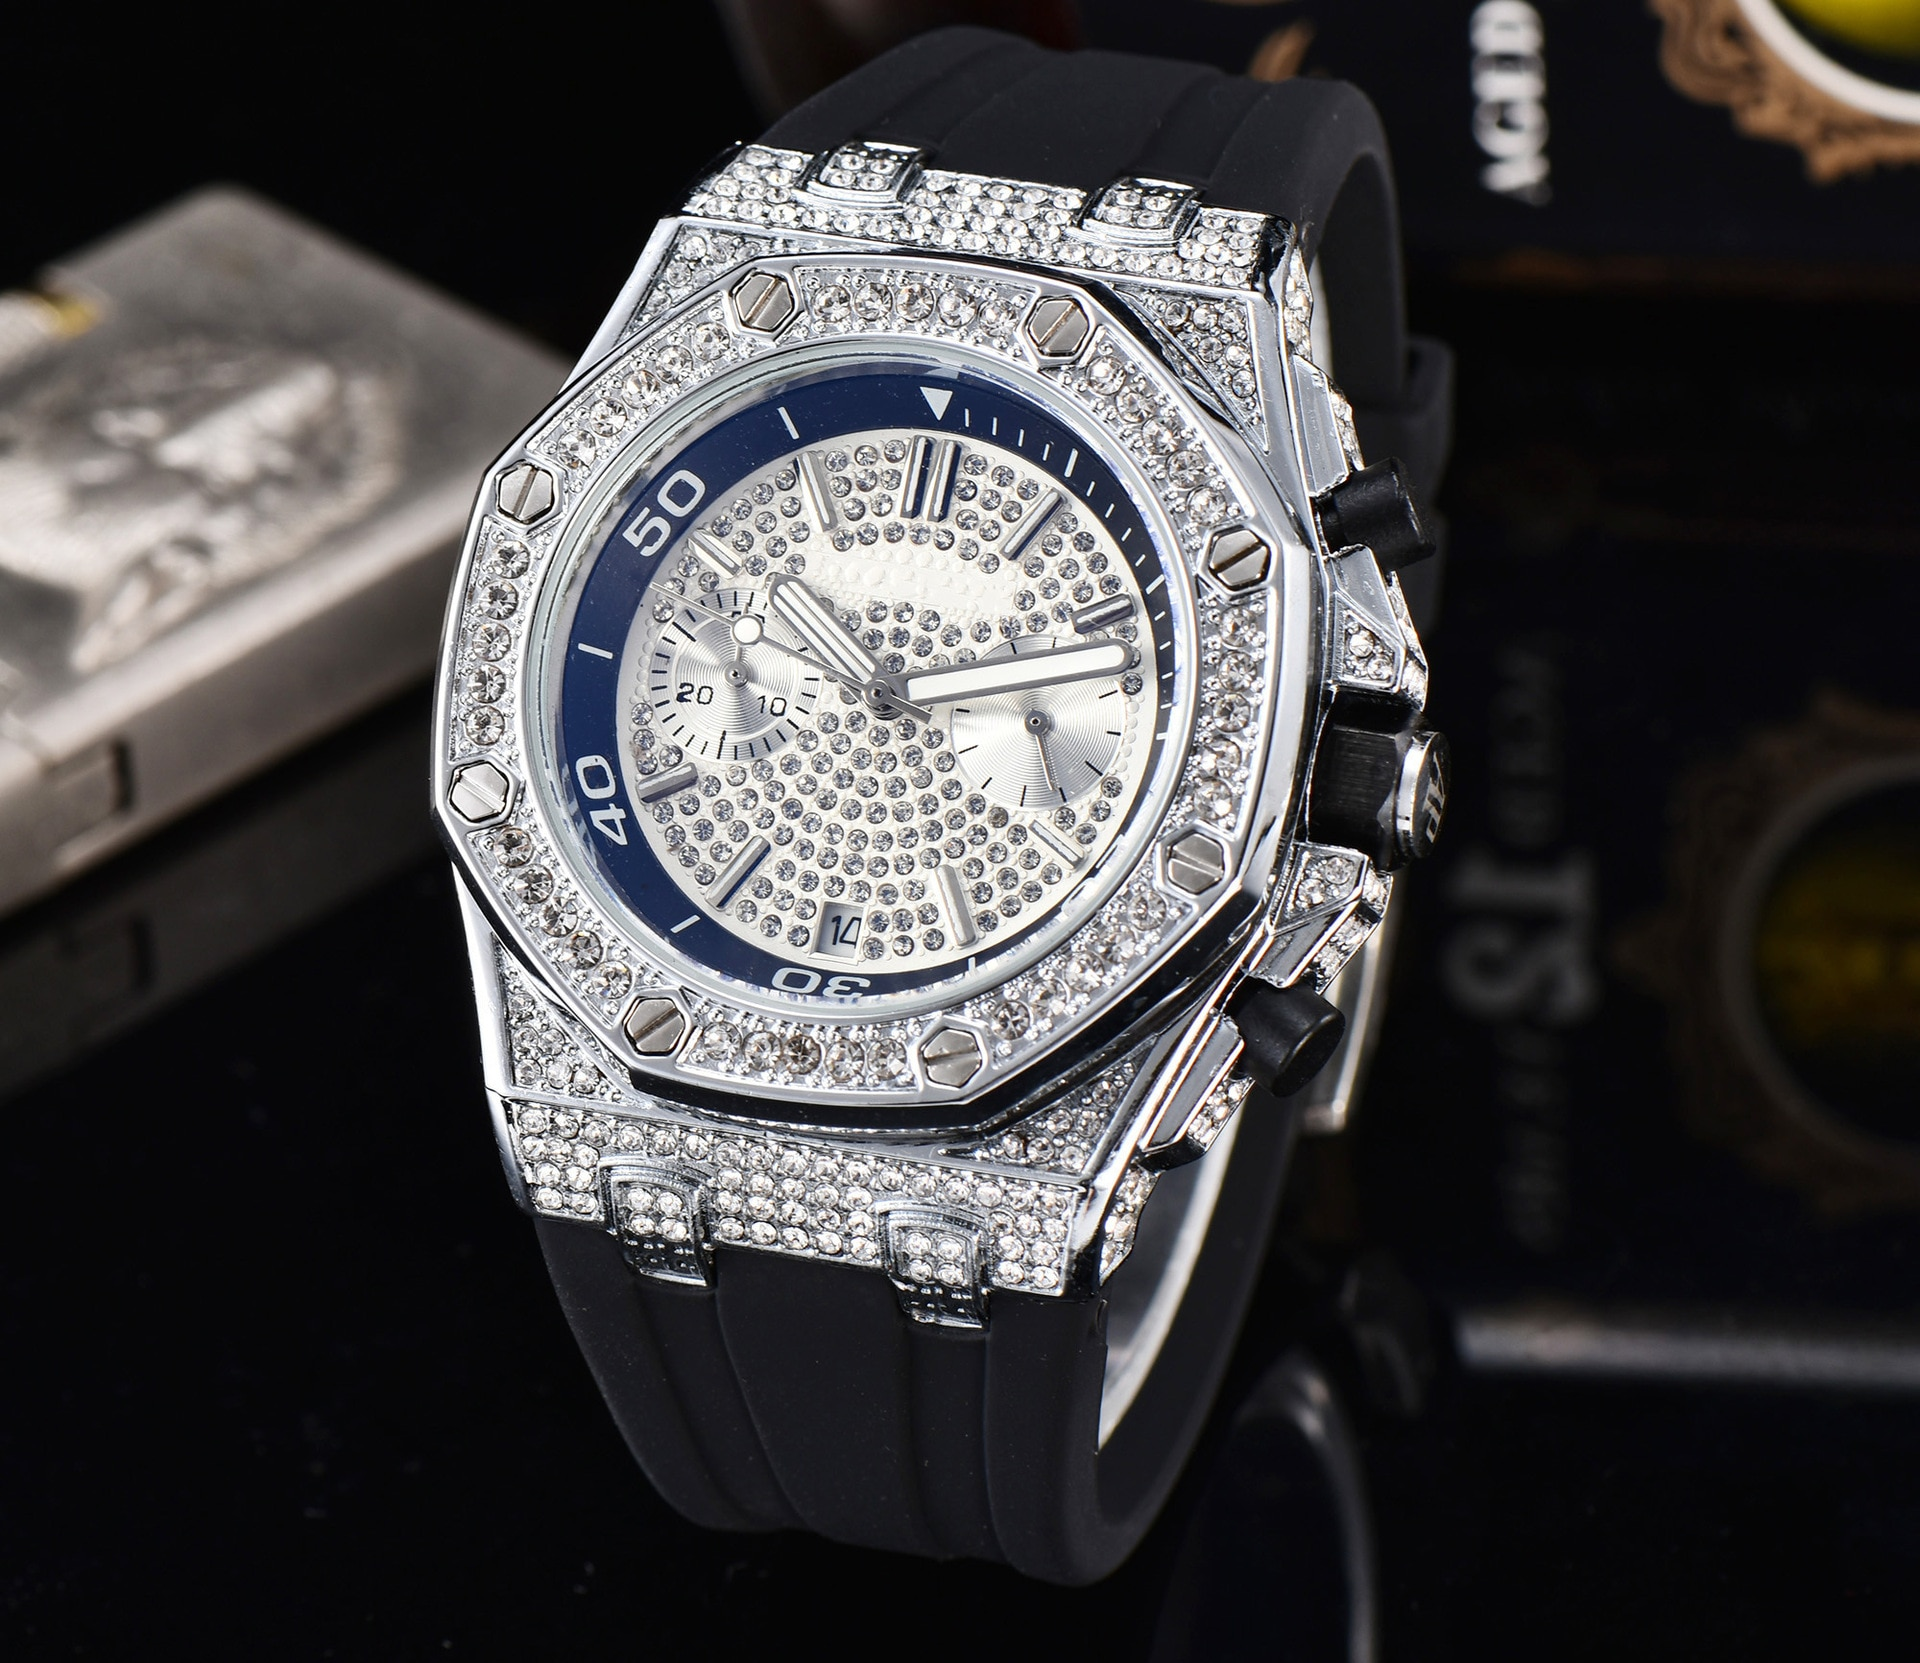 Diamond Hollow Men's Watch Sports Top Brand Luxury Fashion Business Dress Male Wristwatch Gypsophila